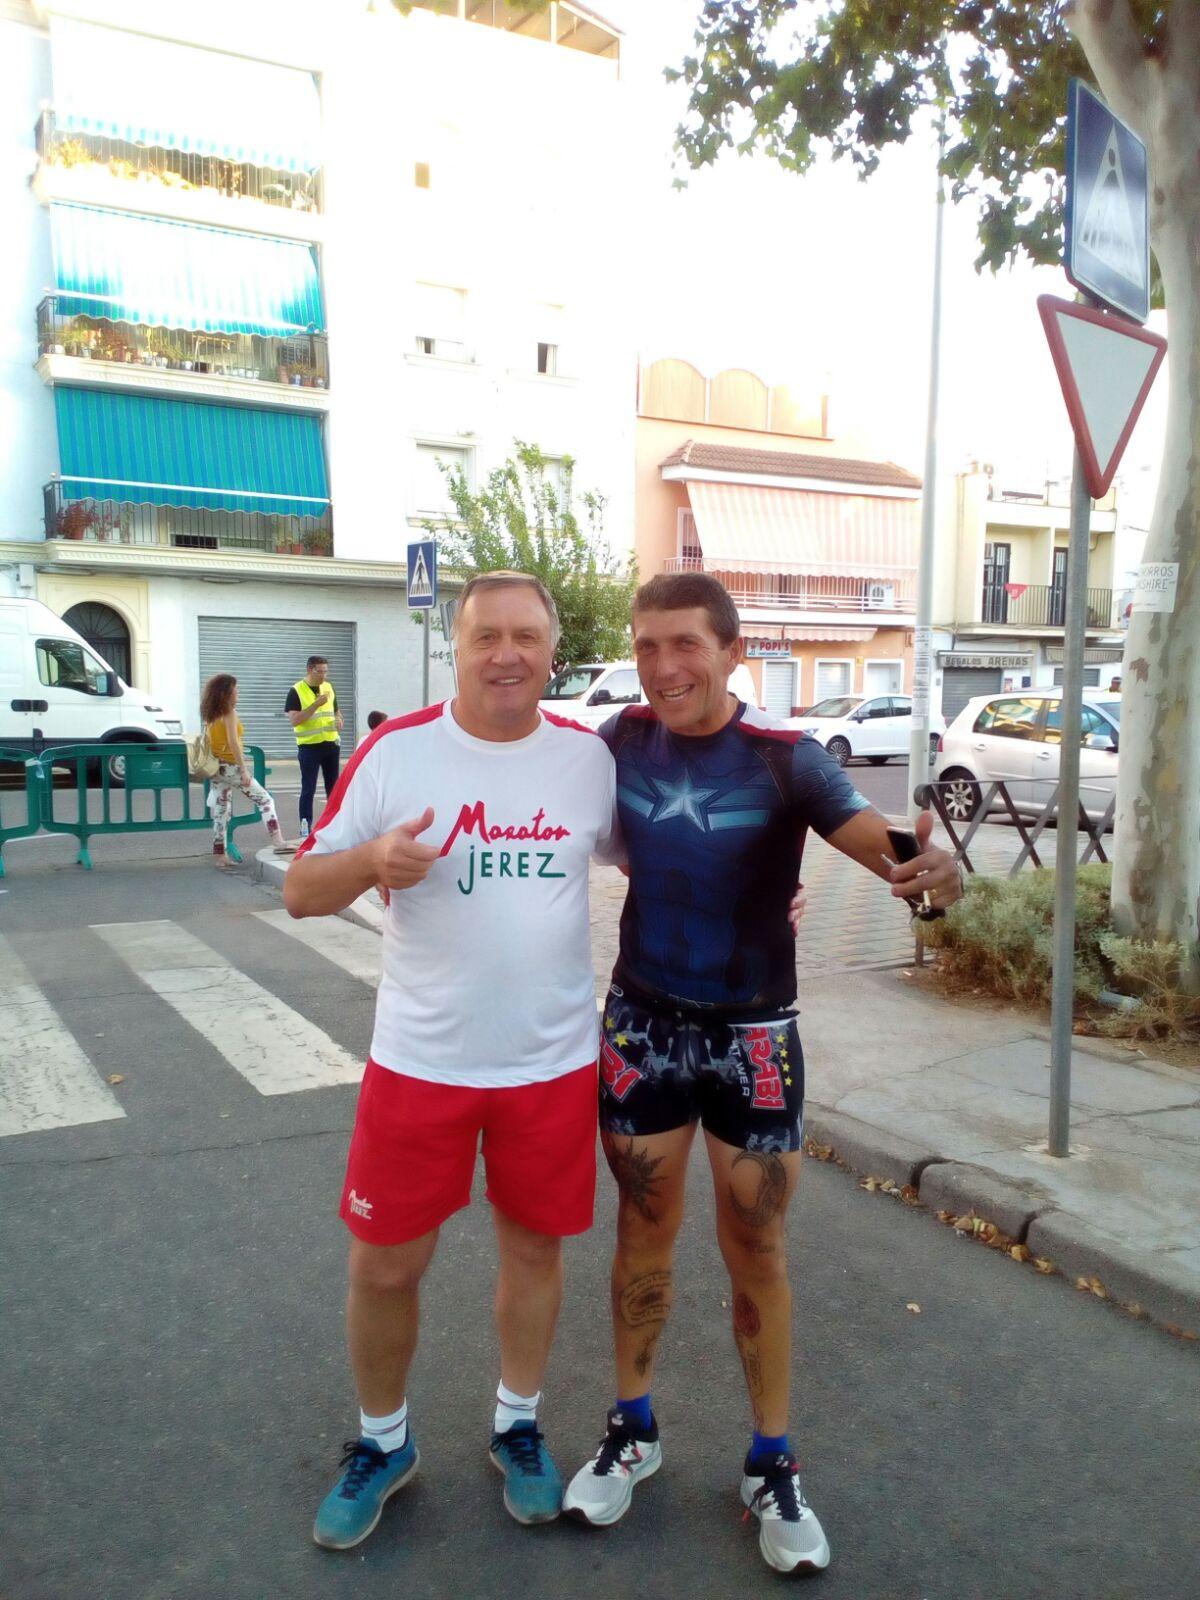 Otro doblete de Pedro Artajo, compitió  en la Provincia de Málaga y de Córdoba corriendo con otro monstruo Fernando Plaza